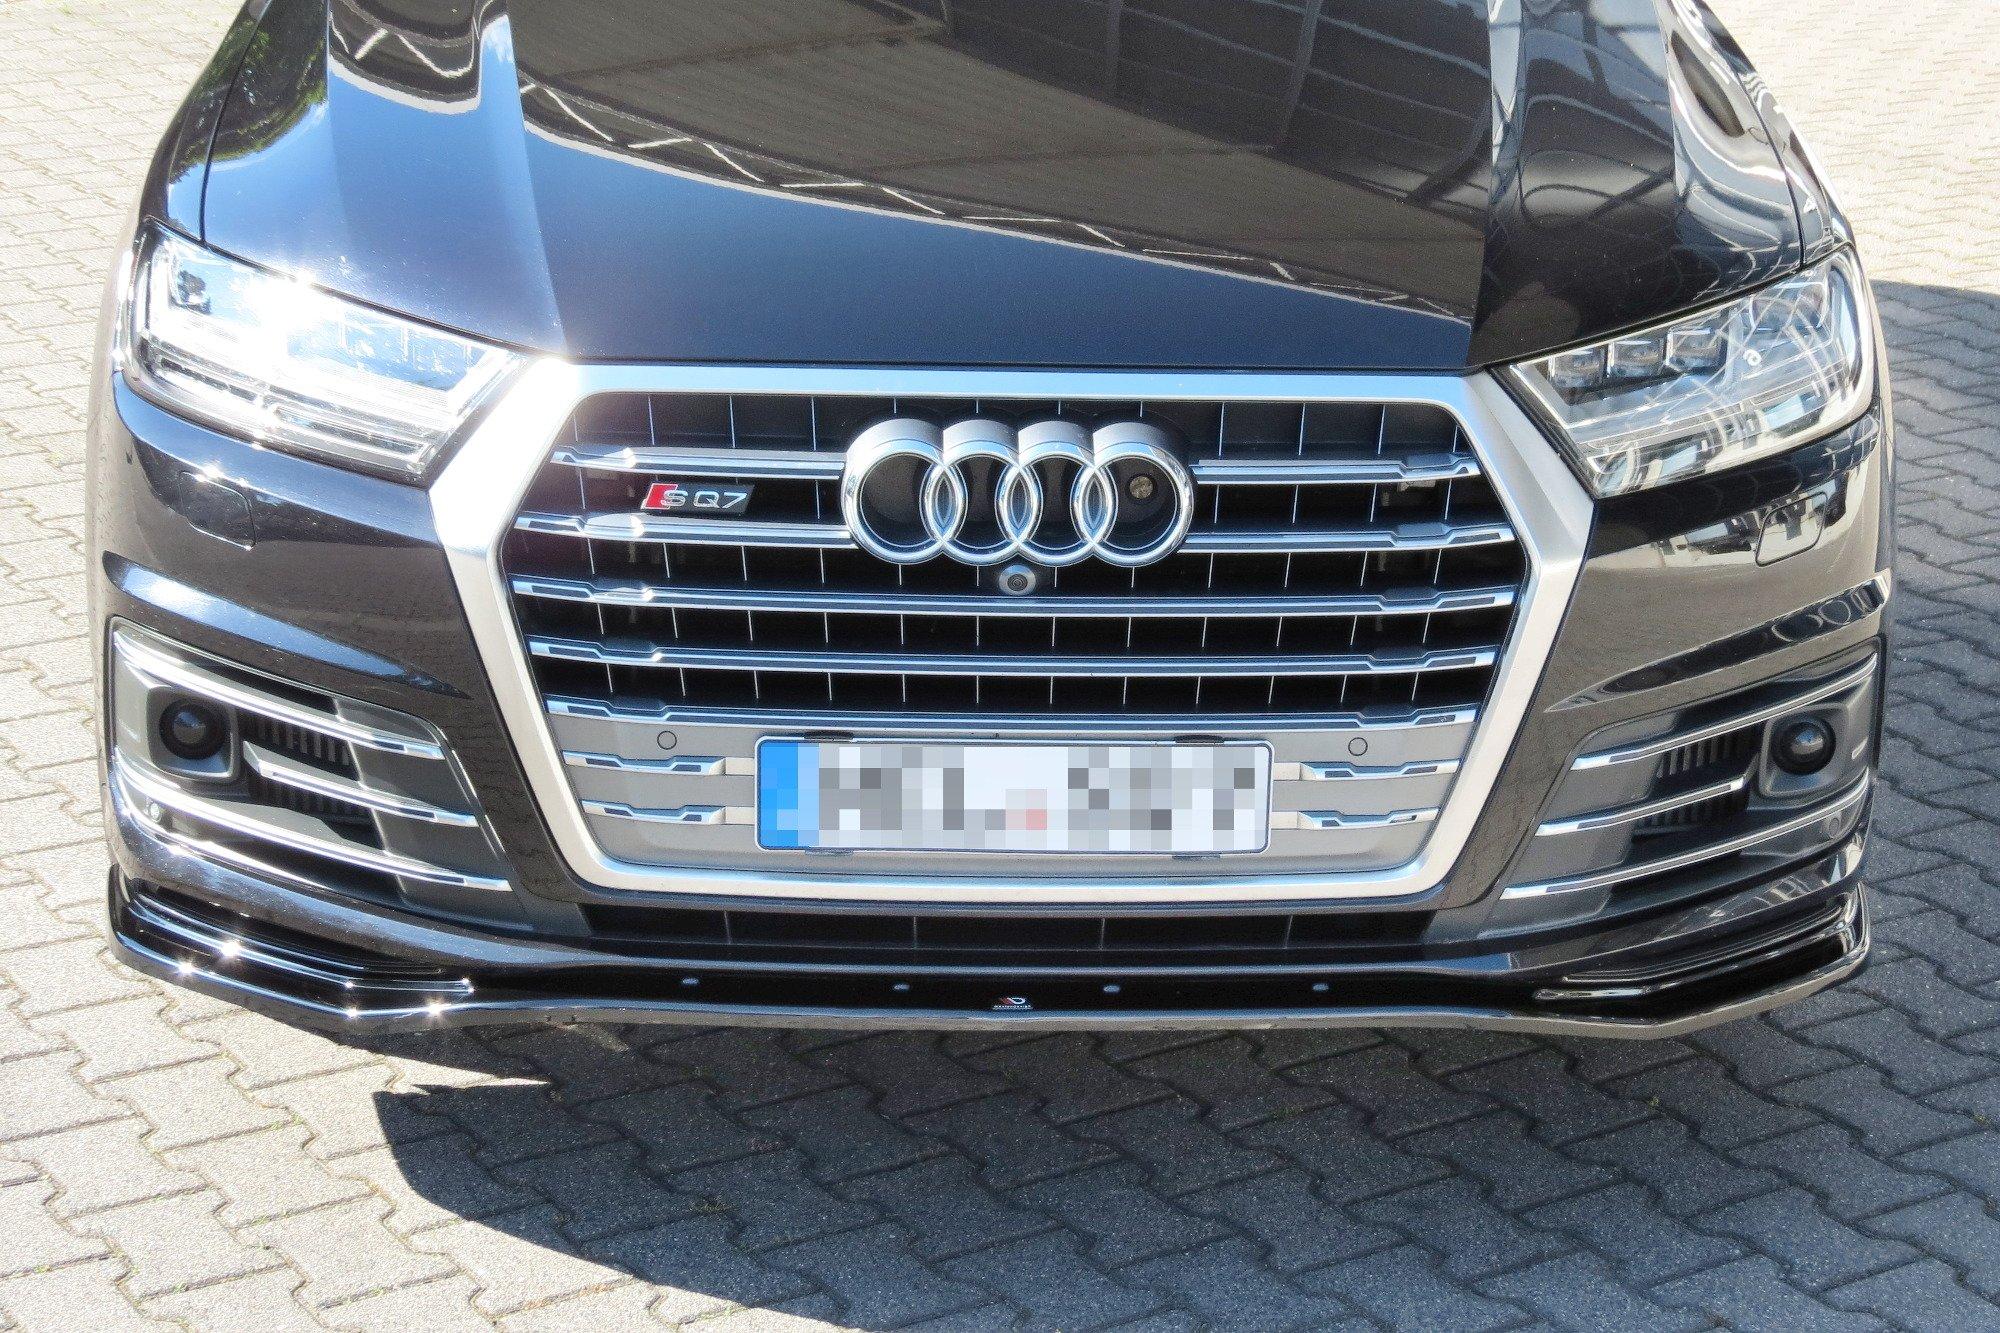 Front Splitter Audi Sq7 Q7 S Line Mk